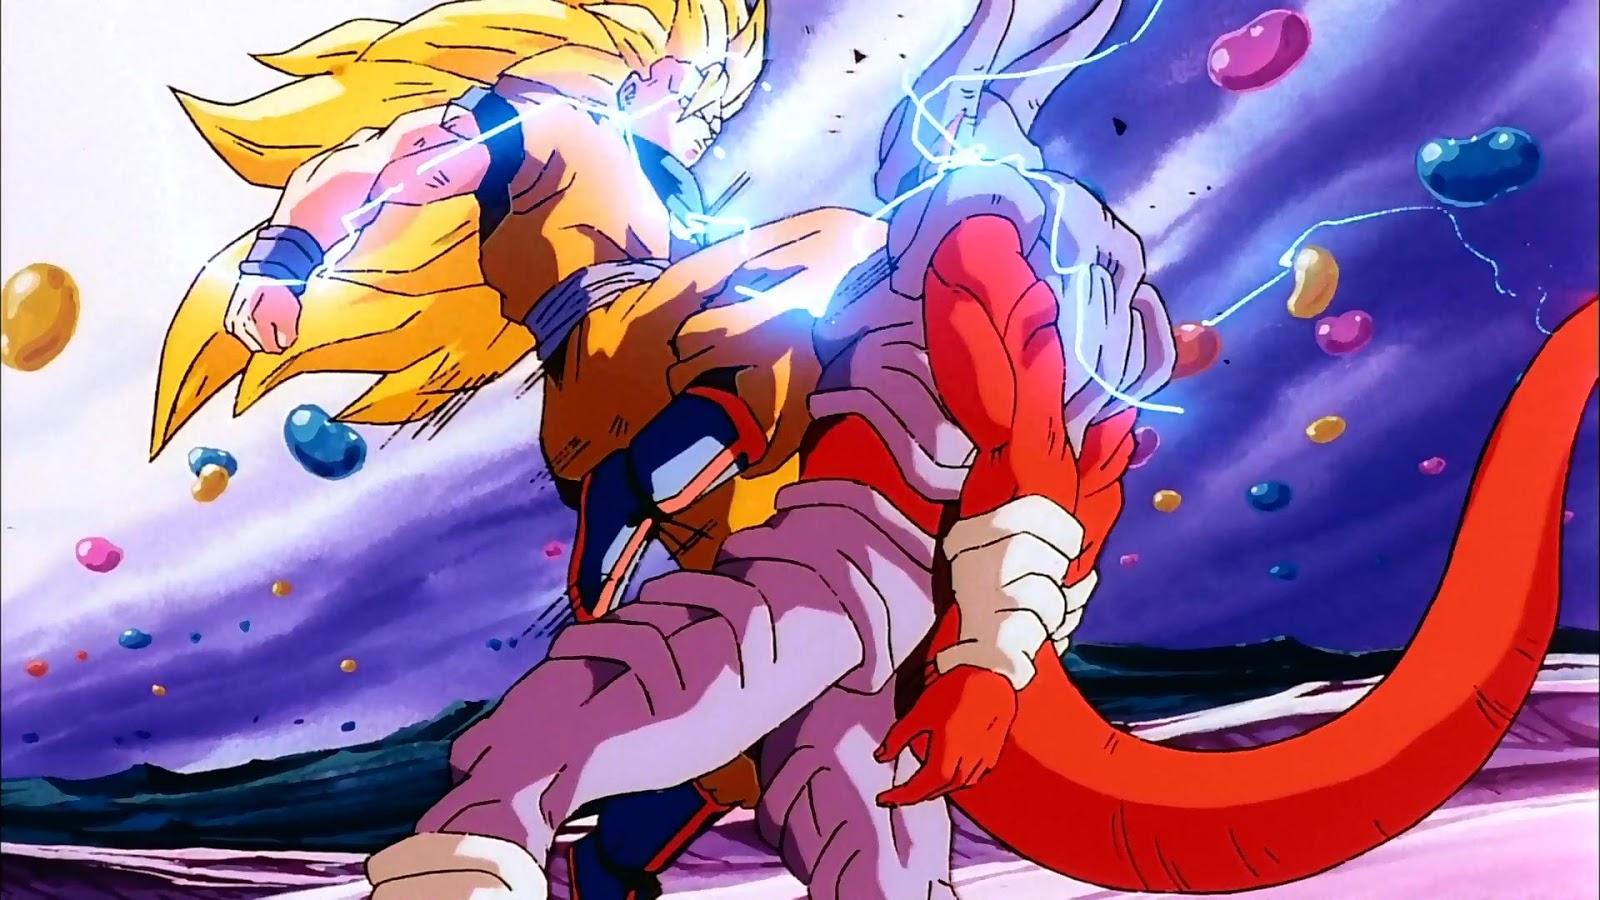 Download dragon ball z movie 12 fusion reborn download dragon ball z movie 12 fusion reborn subtitle indonesia mp4 minihd hdr px